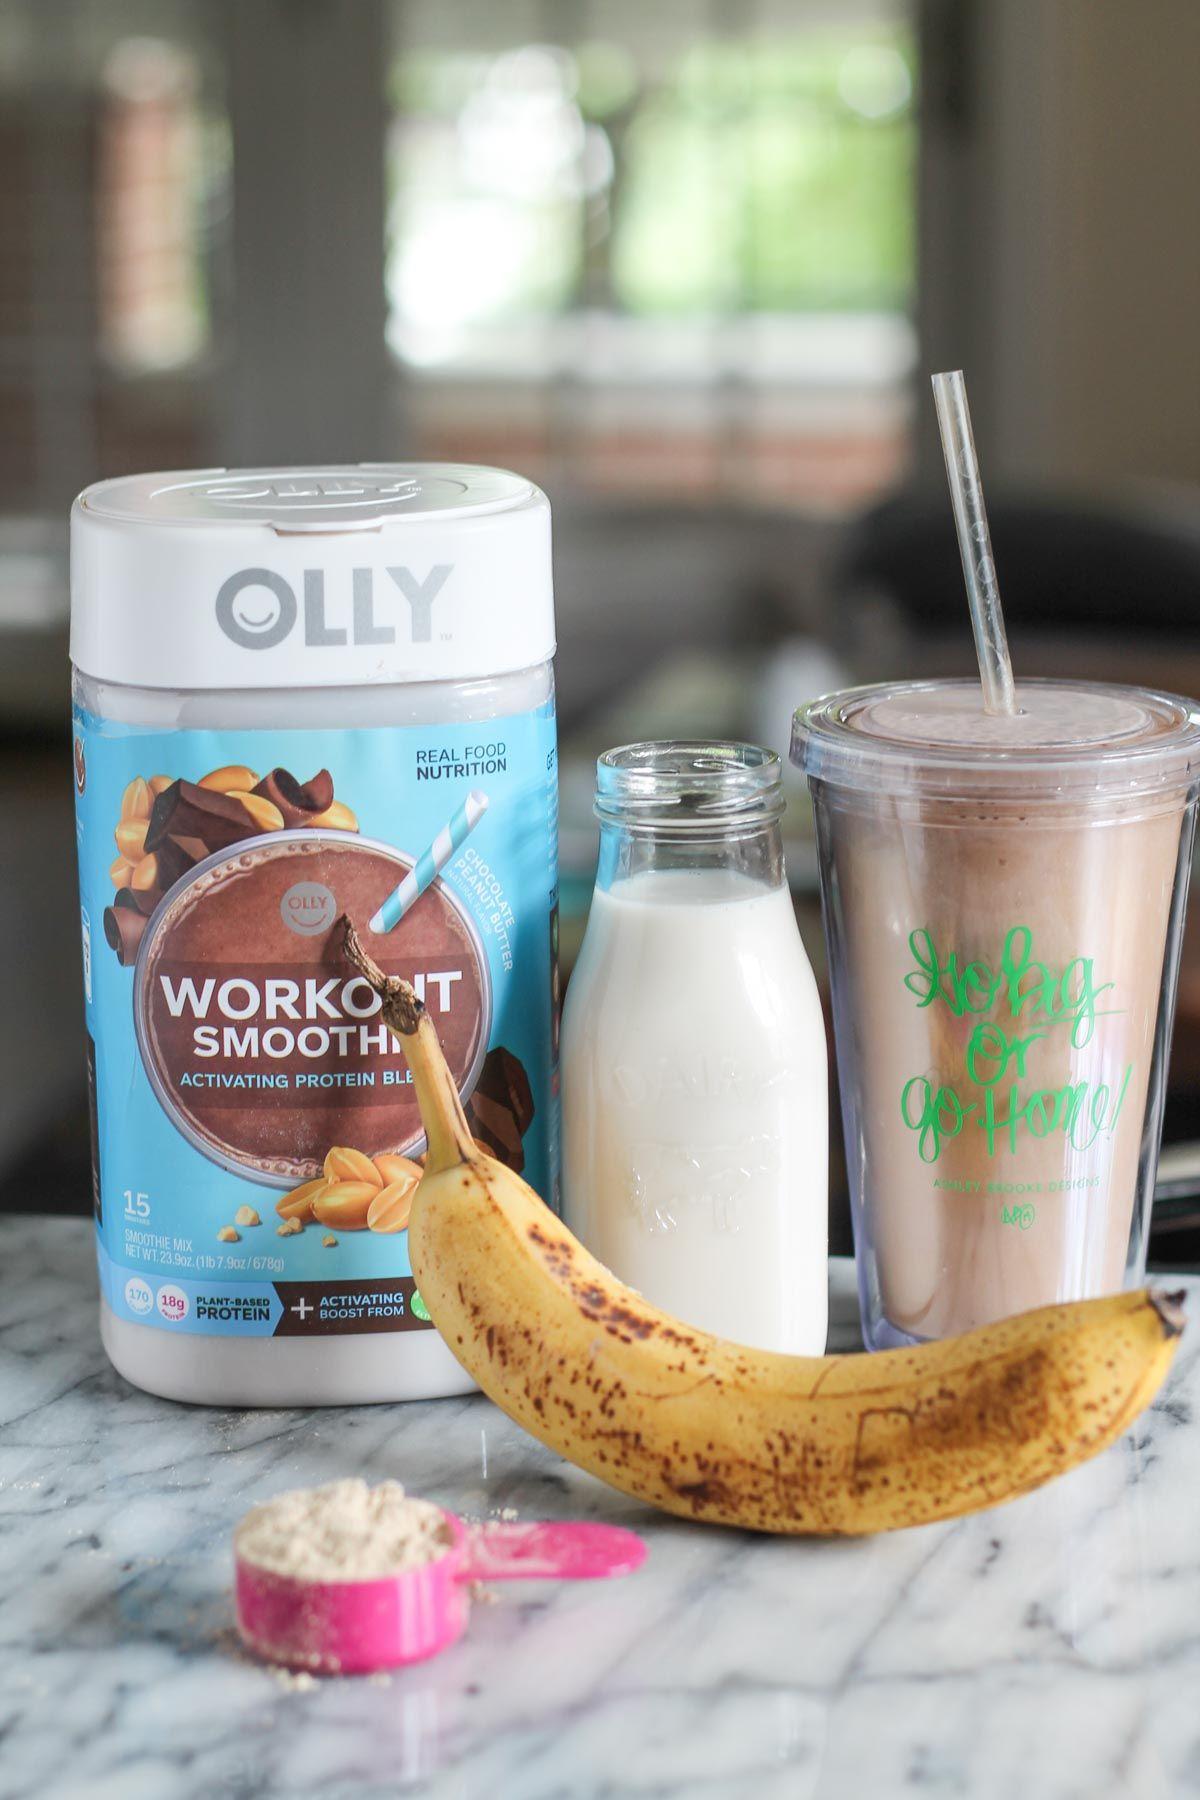 Workout smoothie recipe via the Kitchen